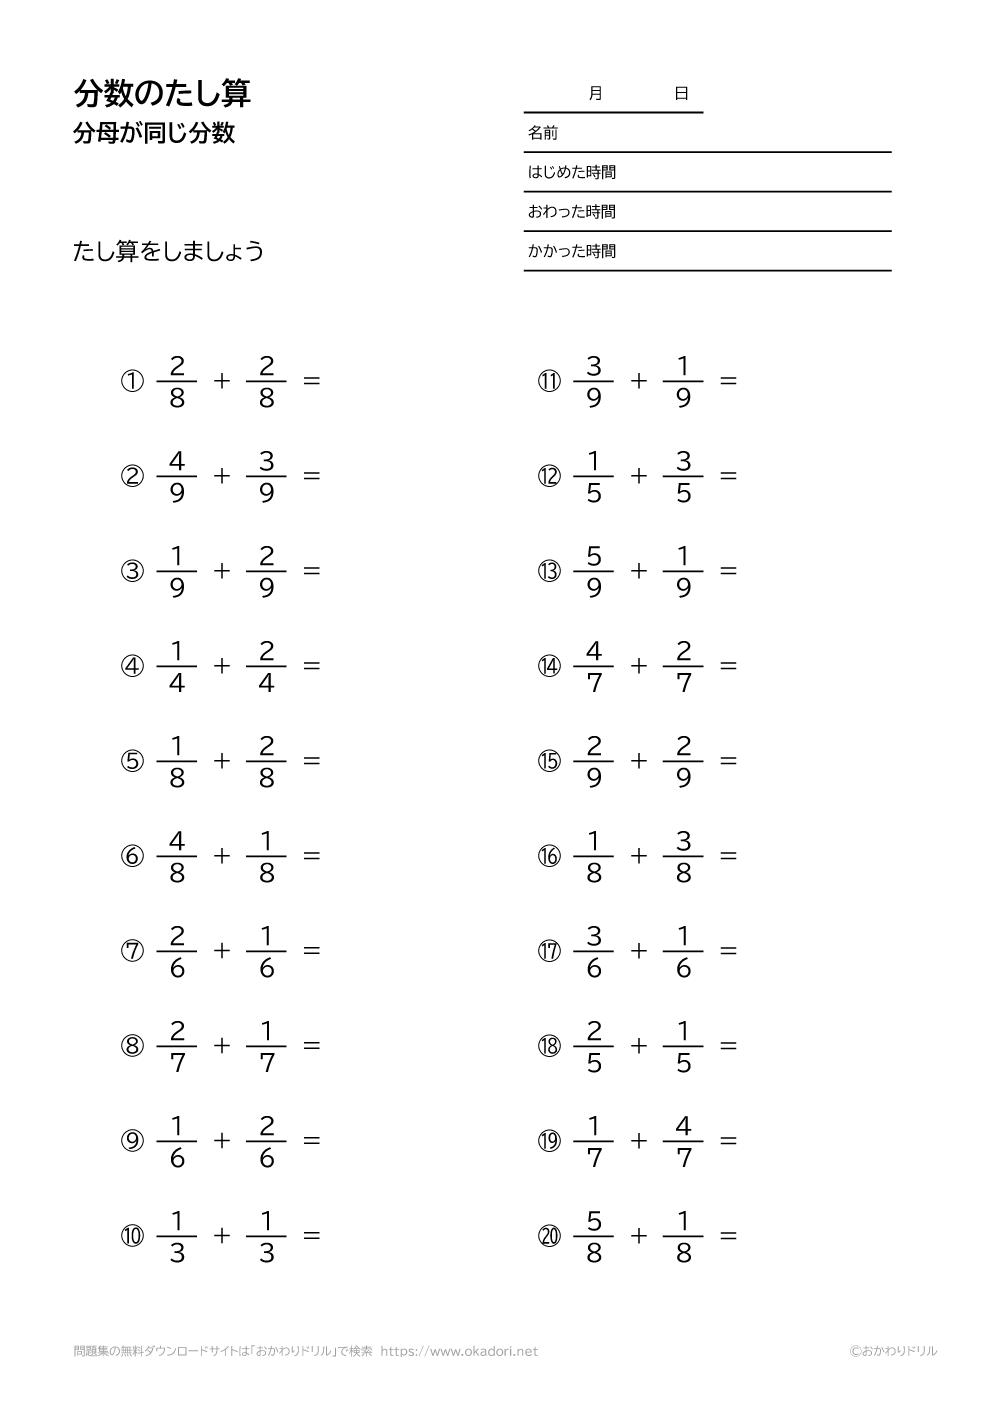 分母が同じ分数の足し算2